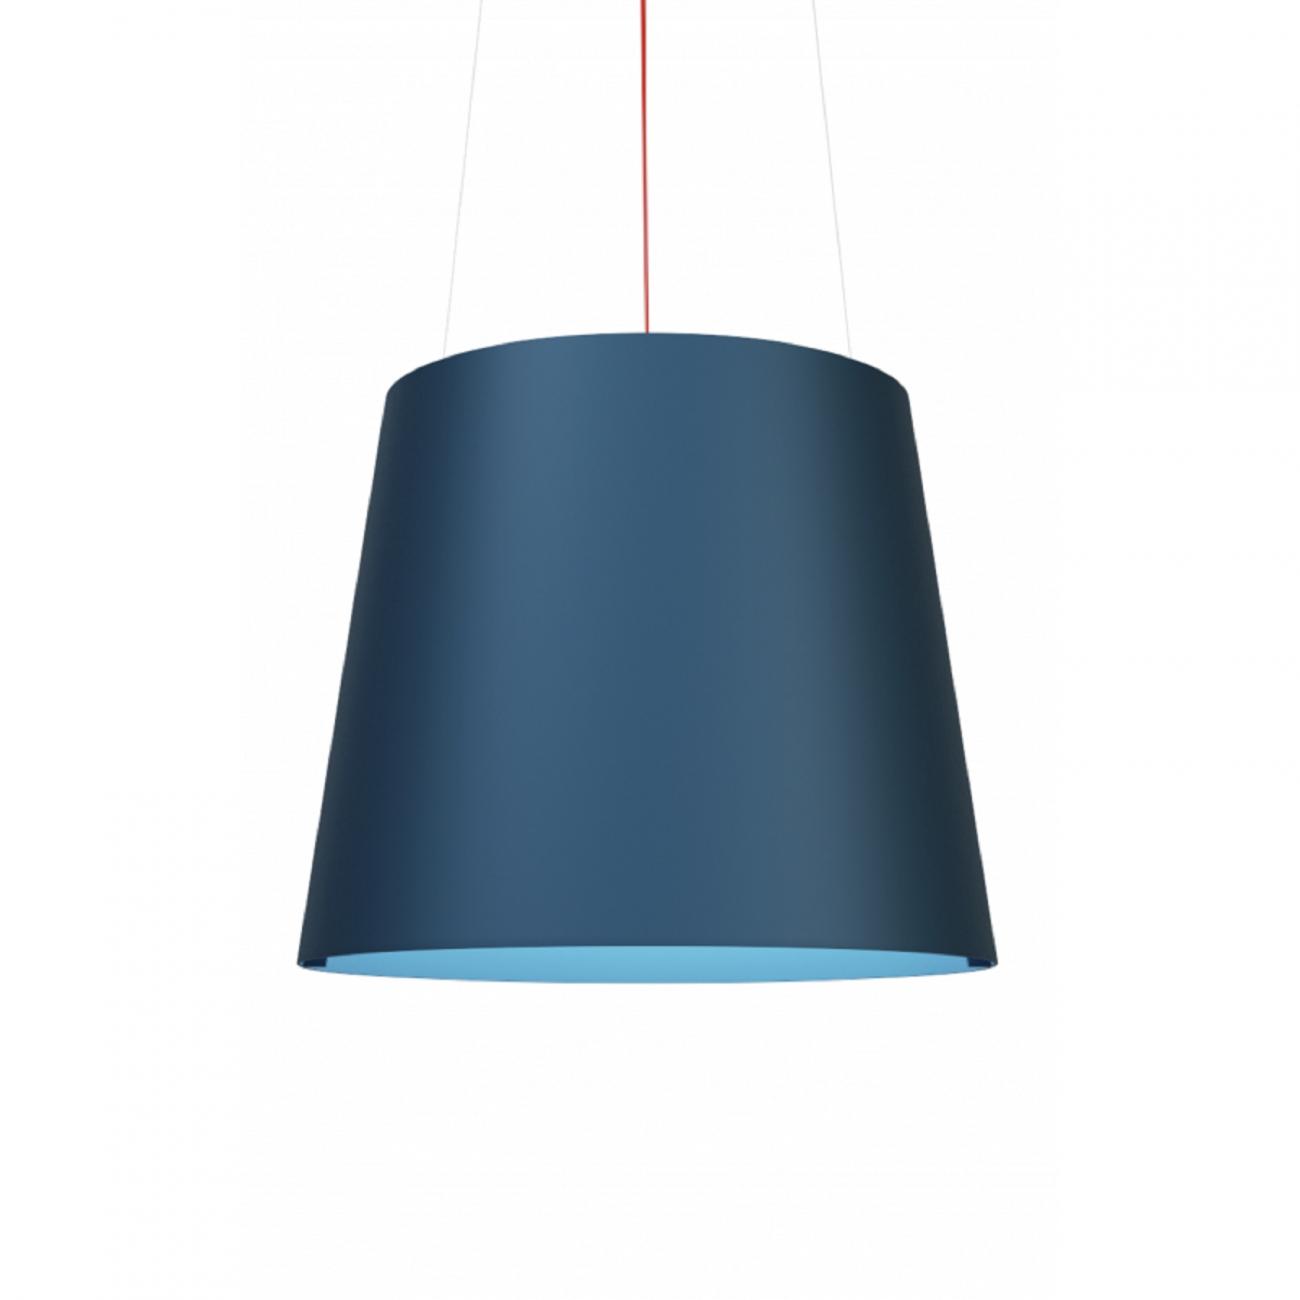 Youmeand Demì Air L Pendant Lamp